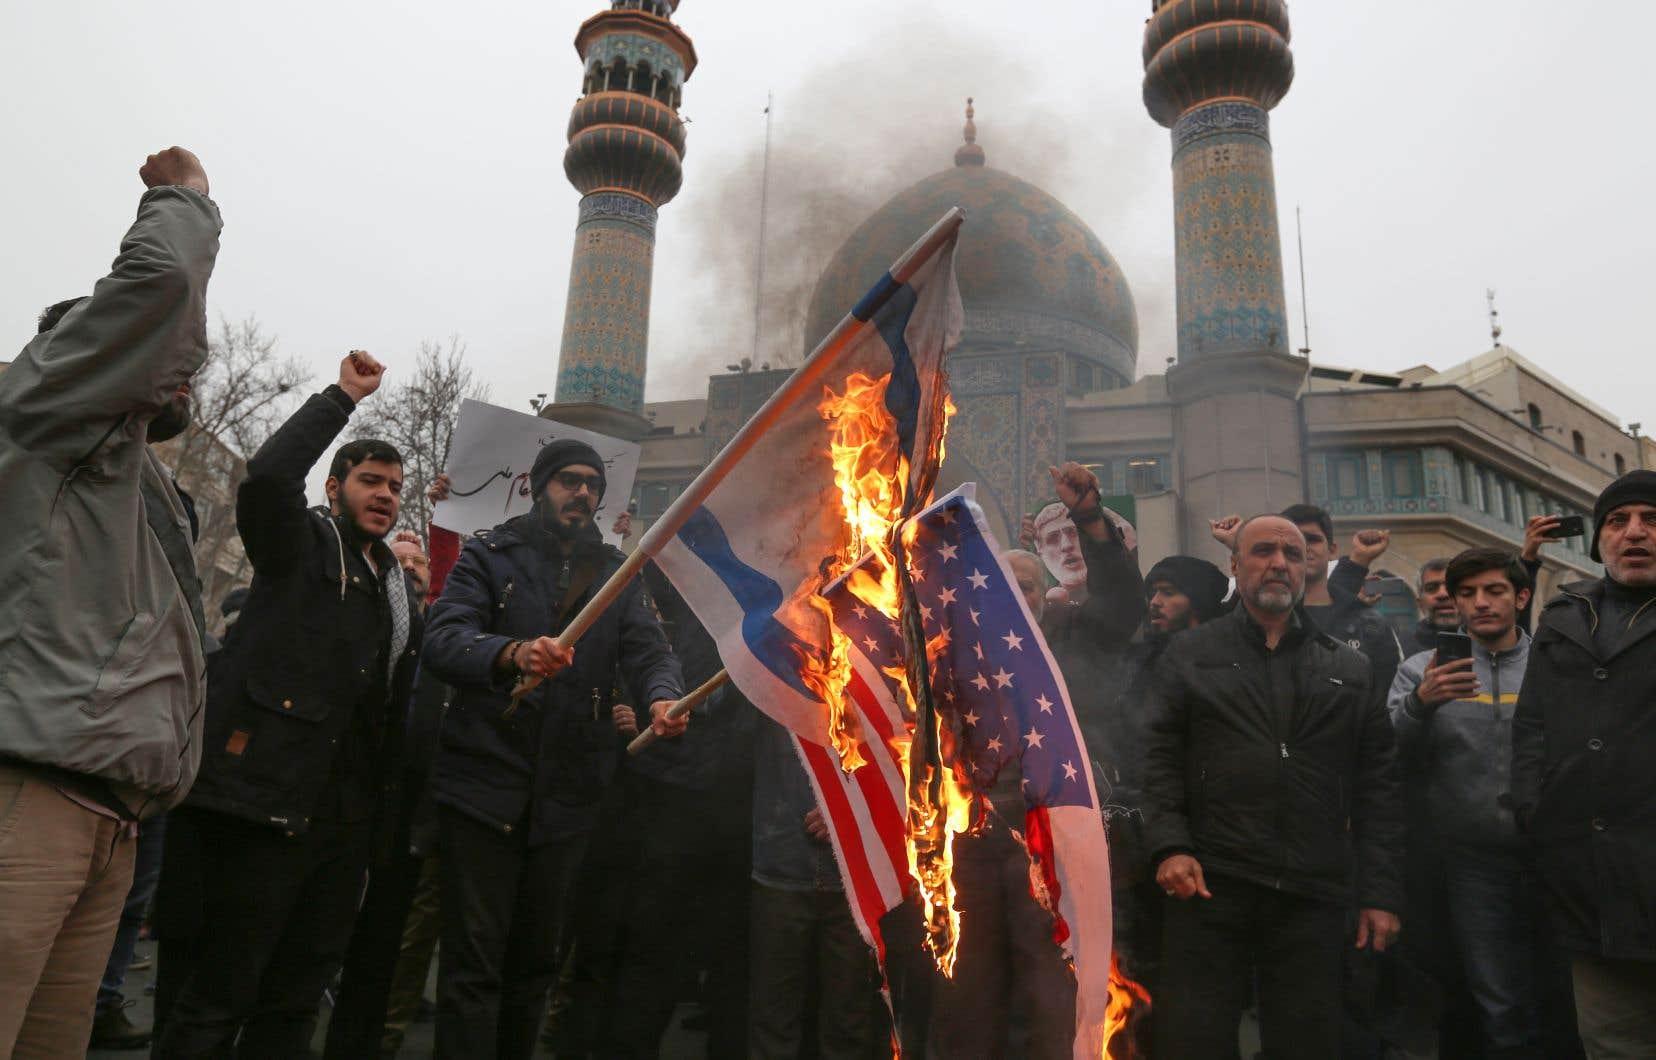 Samedi, les appels à la vengeance avaient fusé au milieu des drapeaux américains en feu dans des défilés de dizaines de milliers d'Iraniens en pleurs à Téhéran.